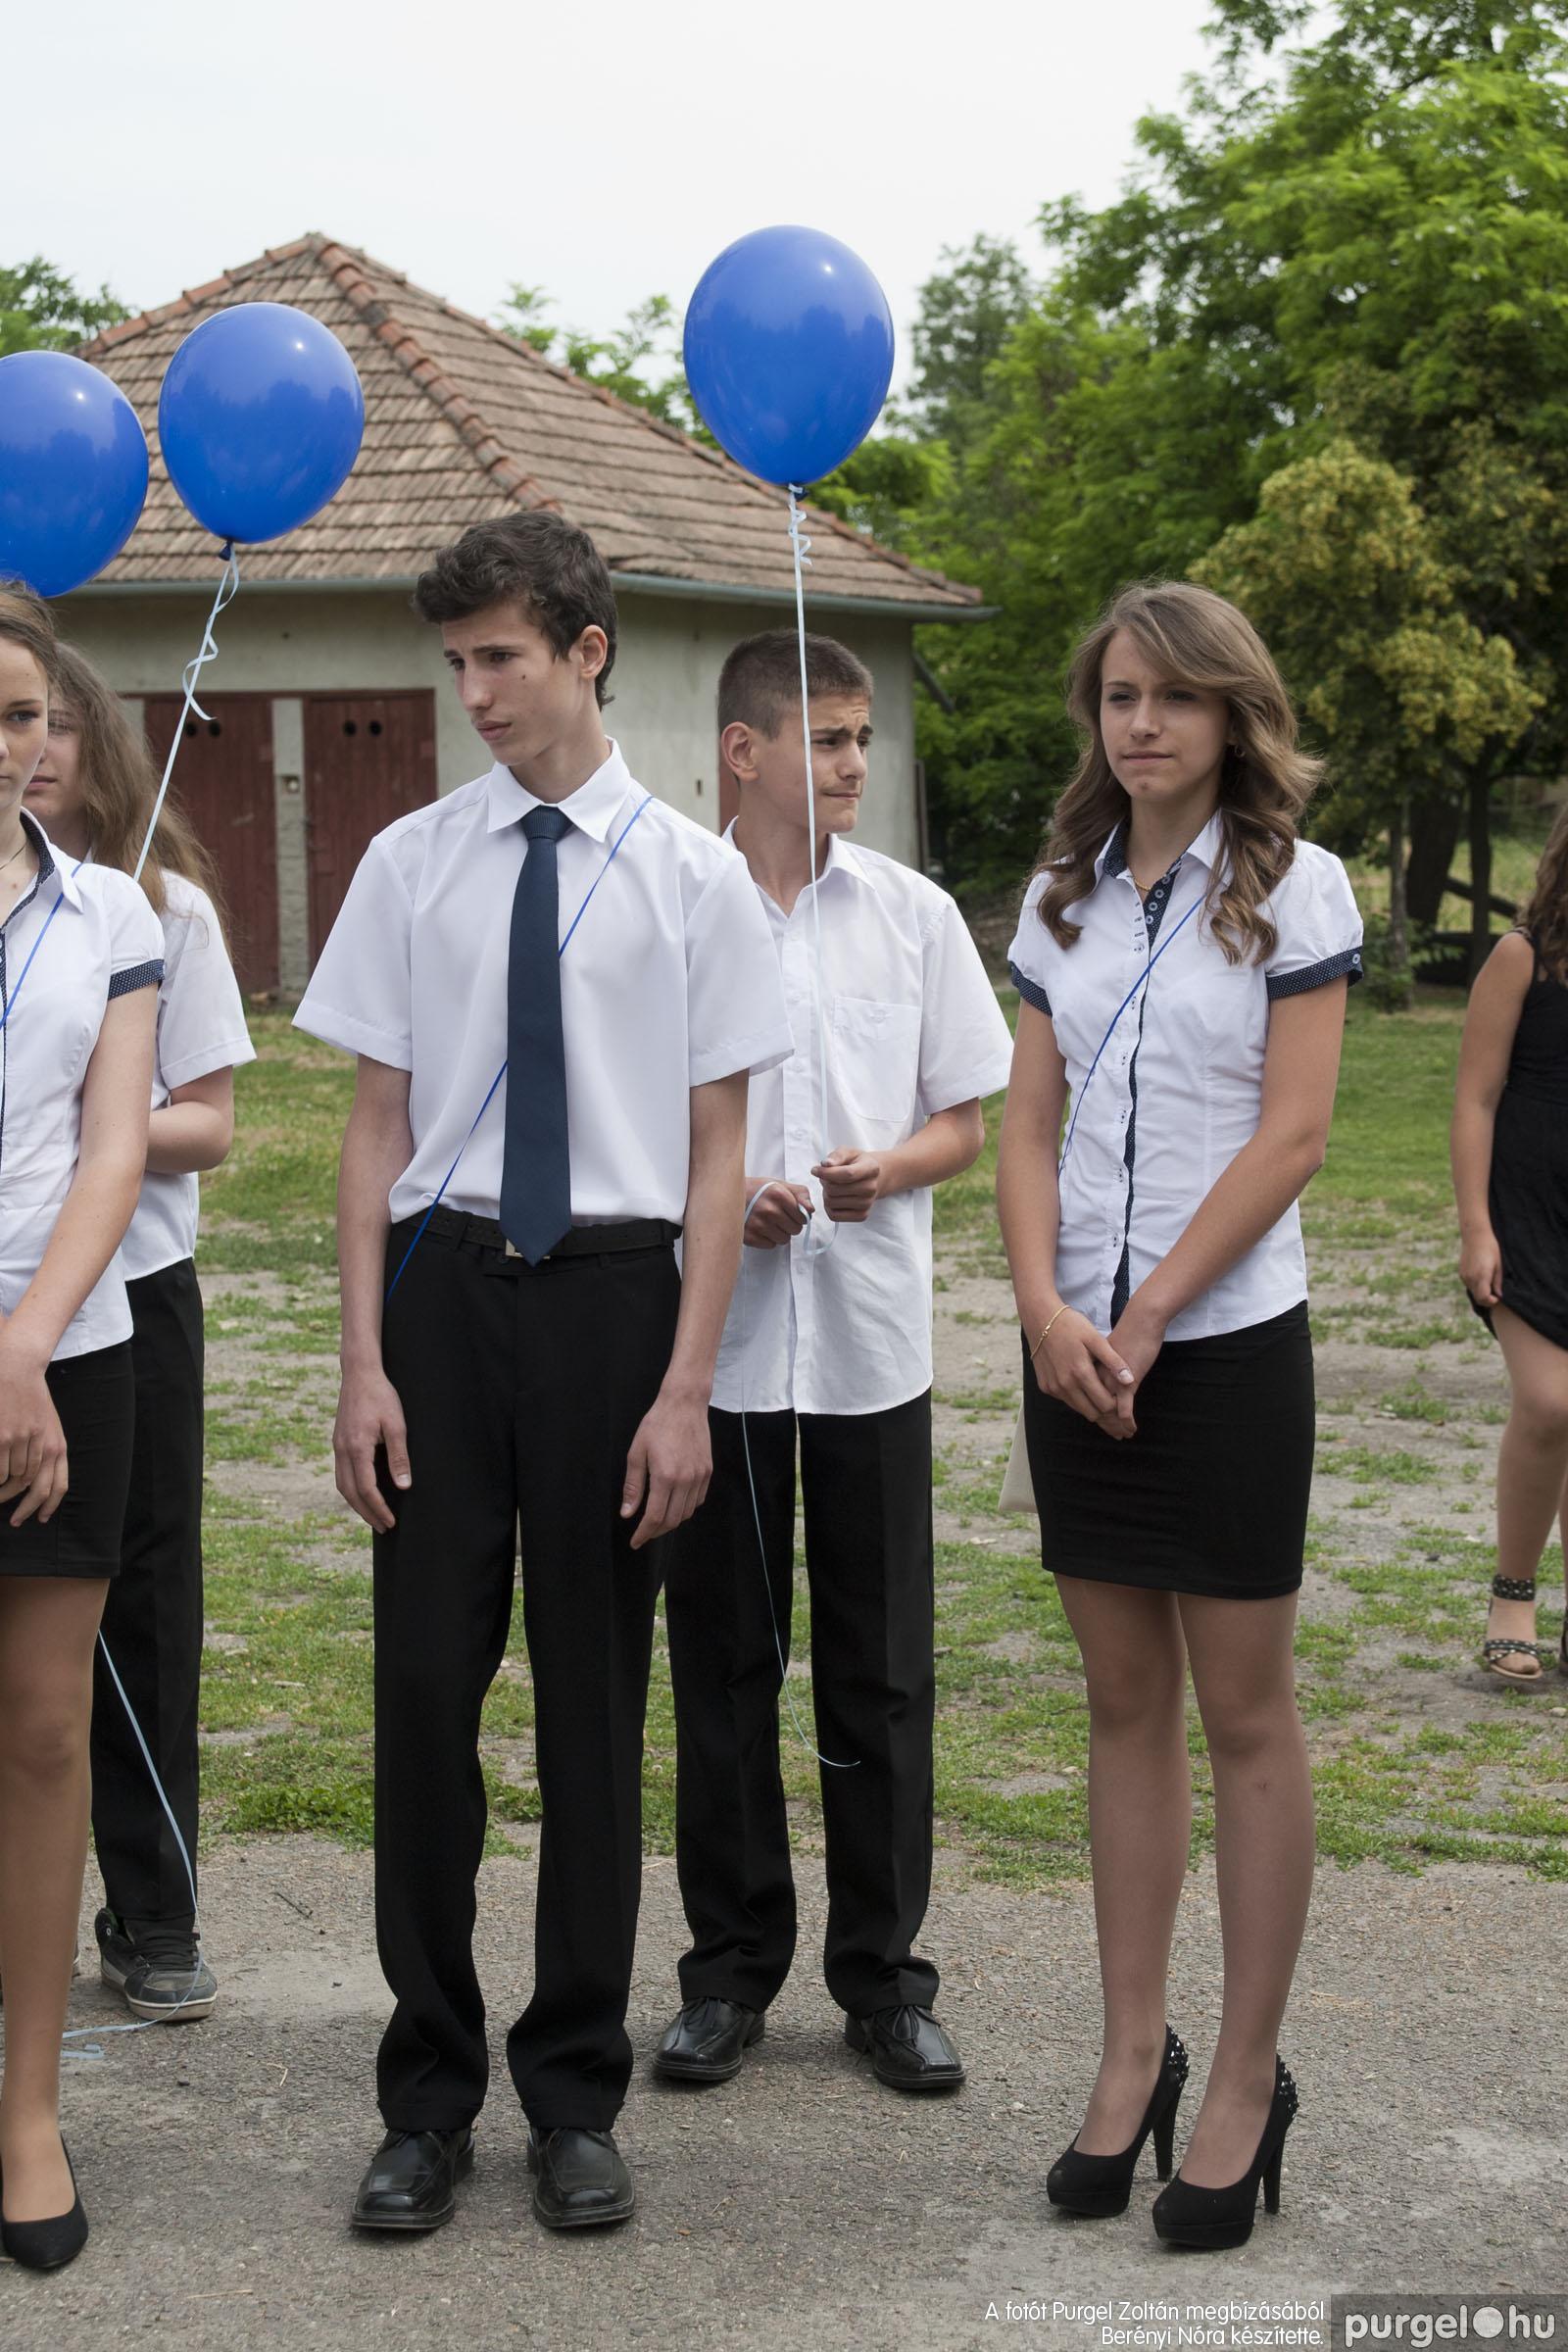 2014.06.14. 335 Forray Máté Általános Iskola ballagás 2014. - Fotó:BERÉNYI NÓRA© _MG_6068